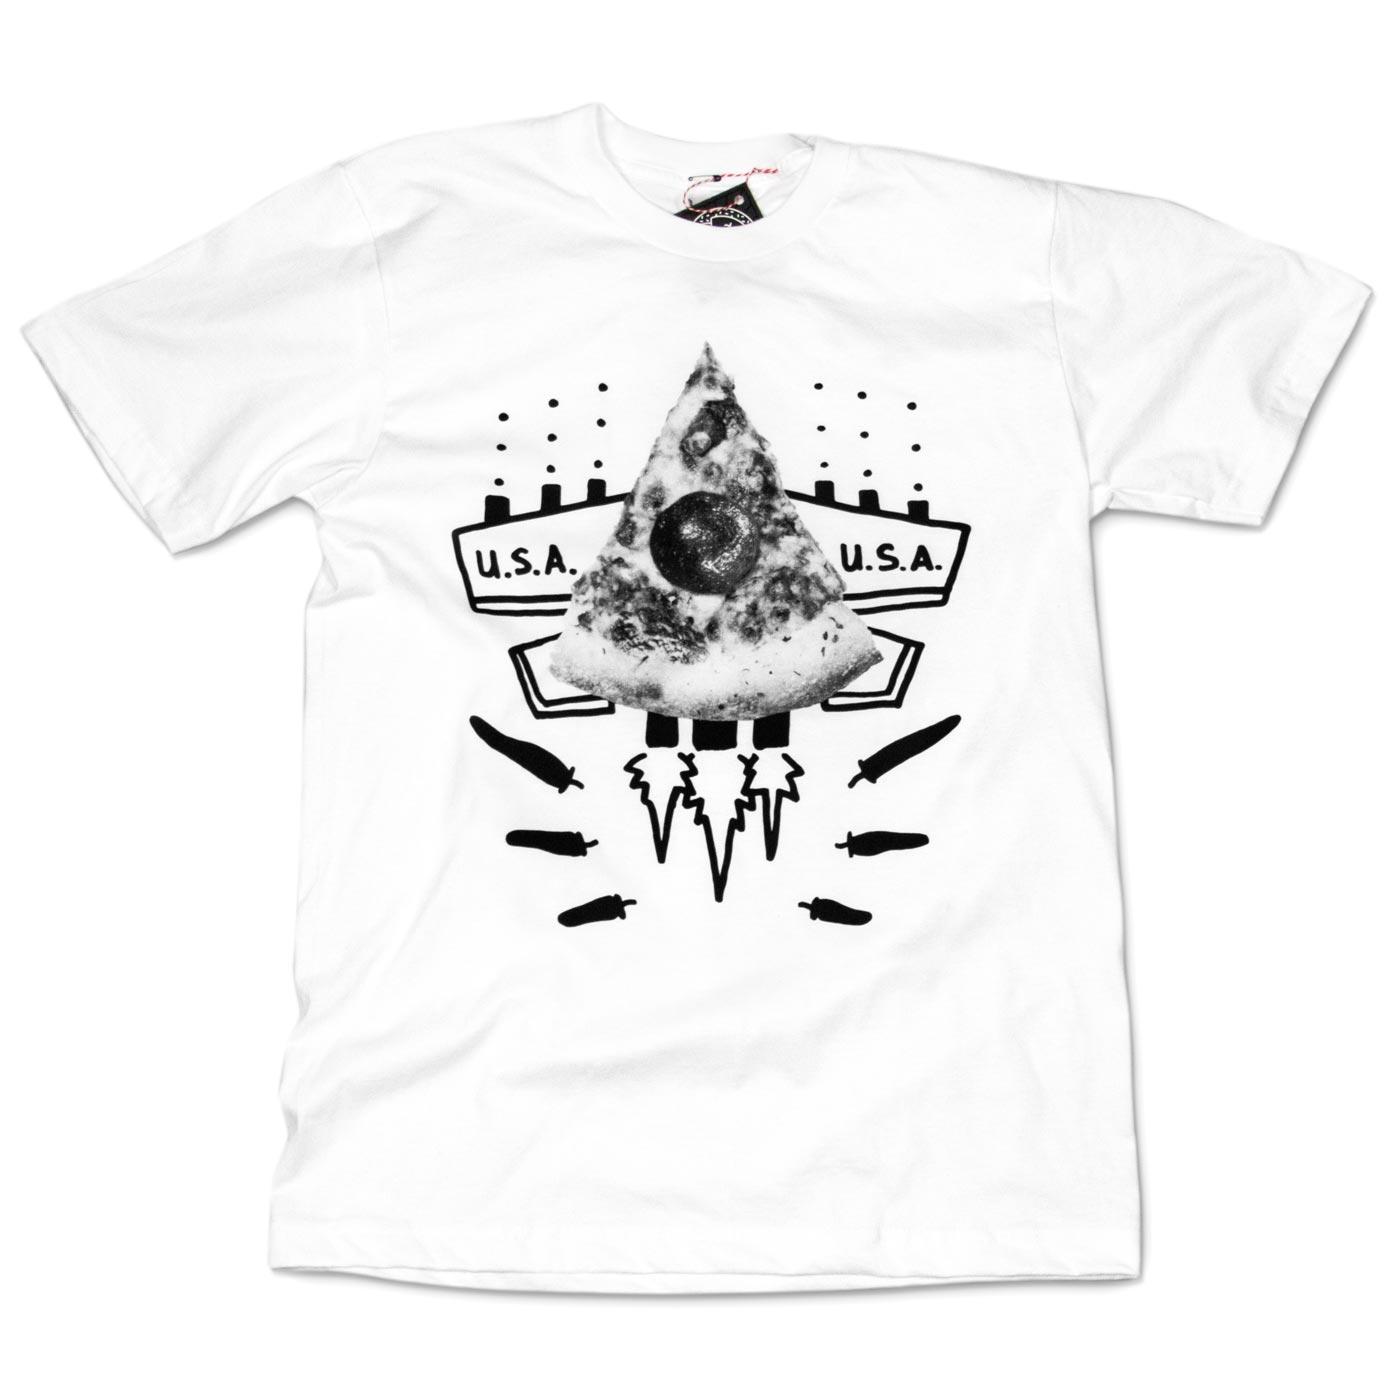 shirt_usa_usa